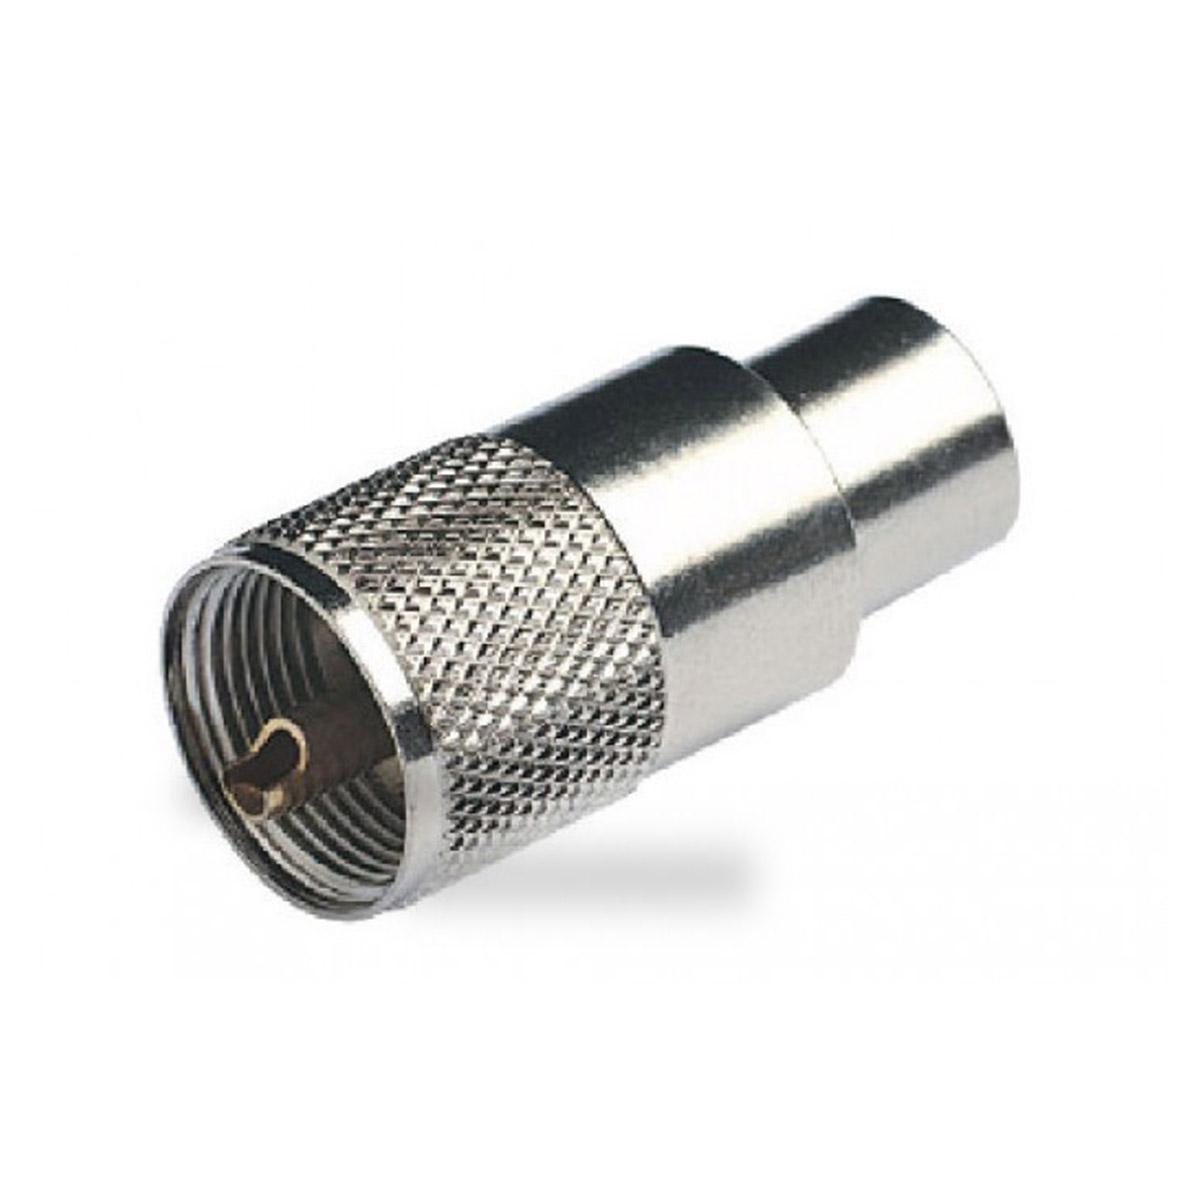 Conector de RF PL-259 para cable coaxial RG8 y RG58 PL-259